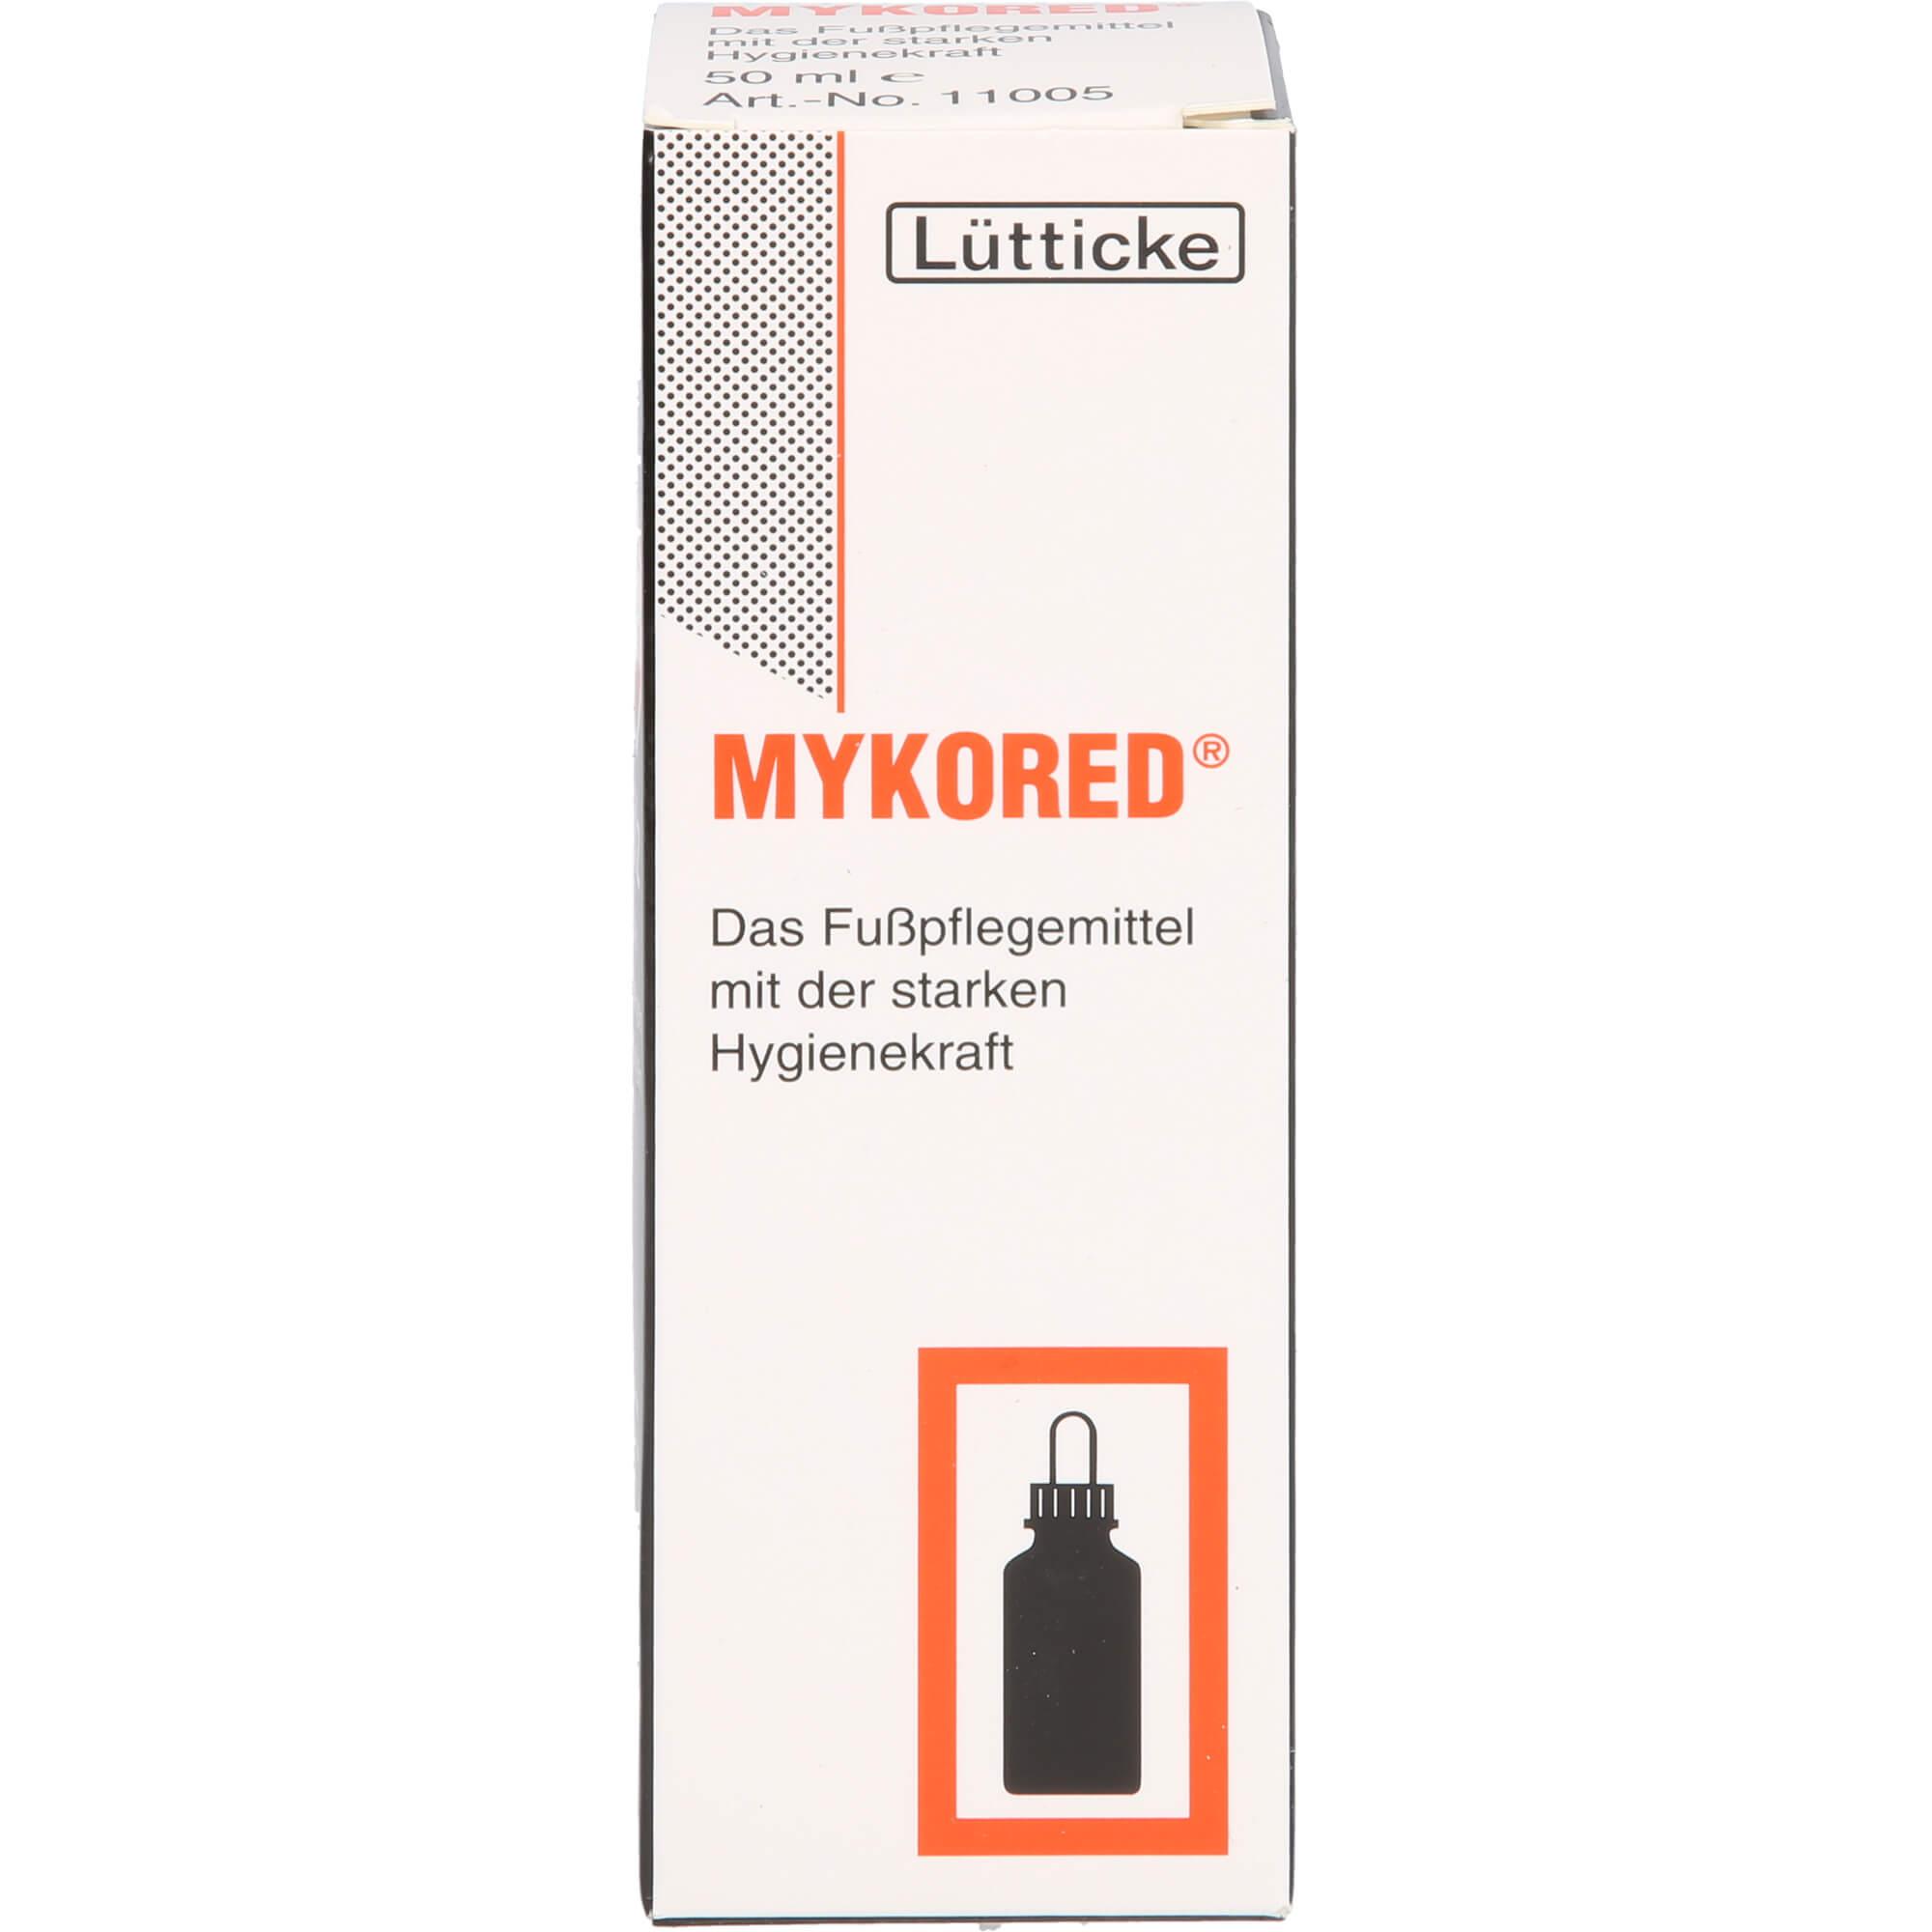 MYKORED-gegen-Fuss-und-Nagelpilz